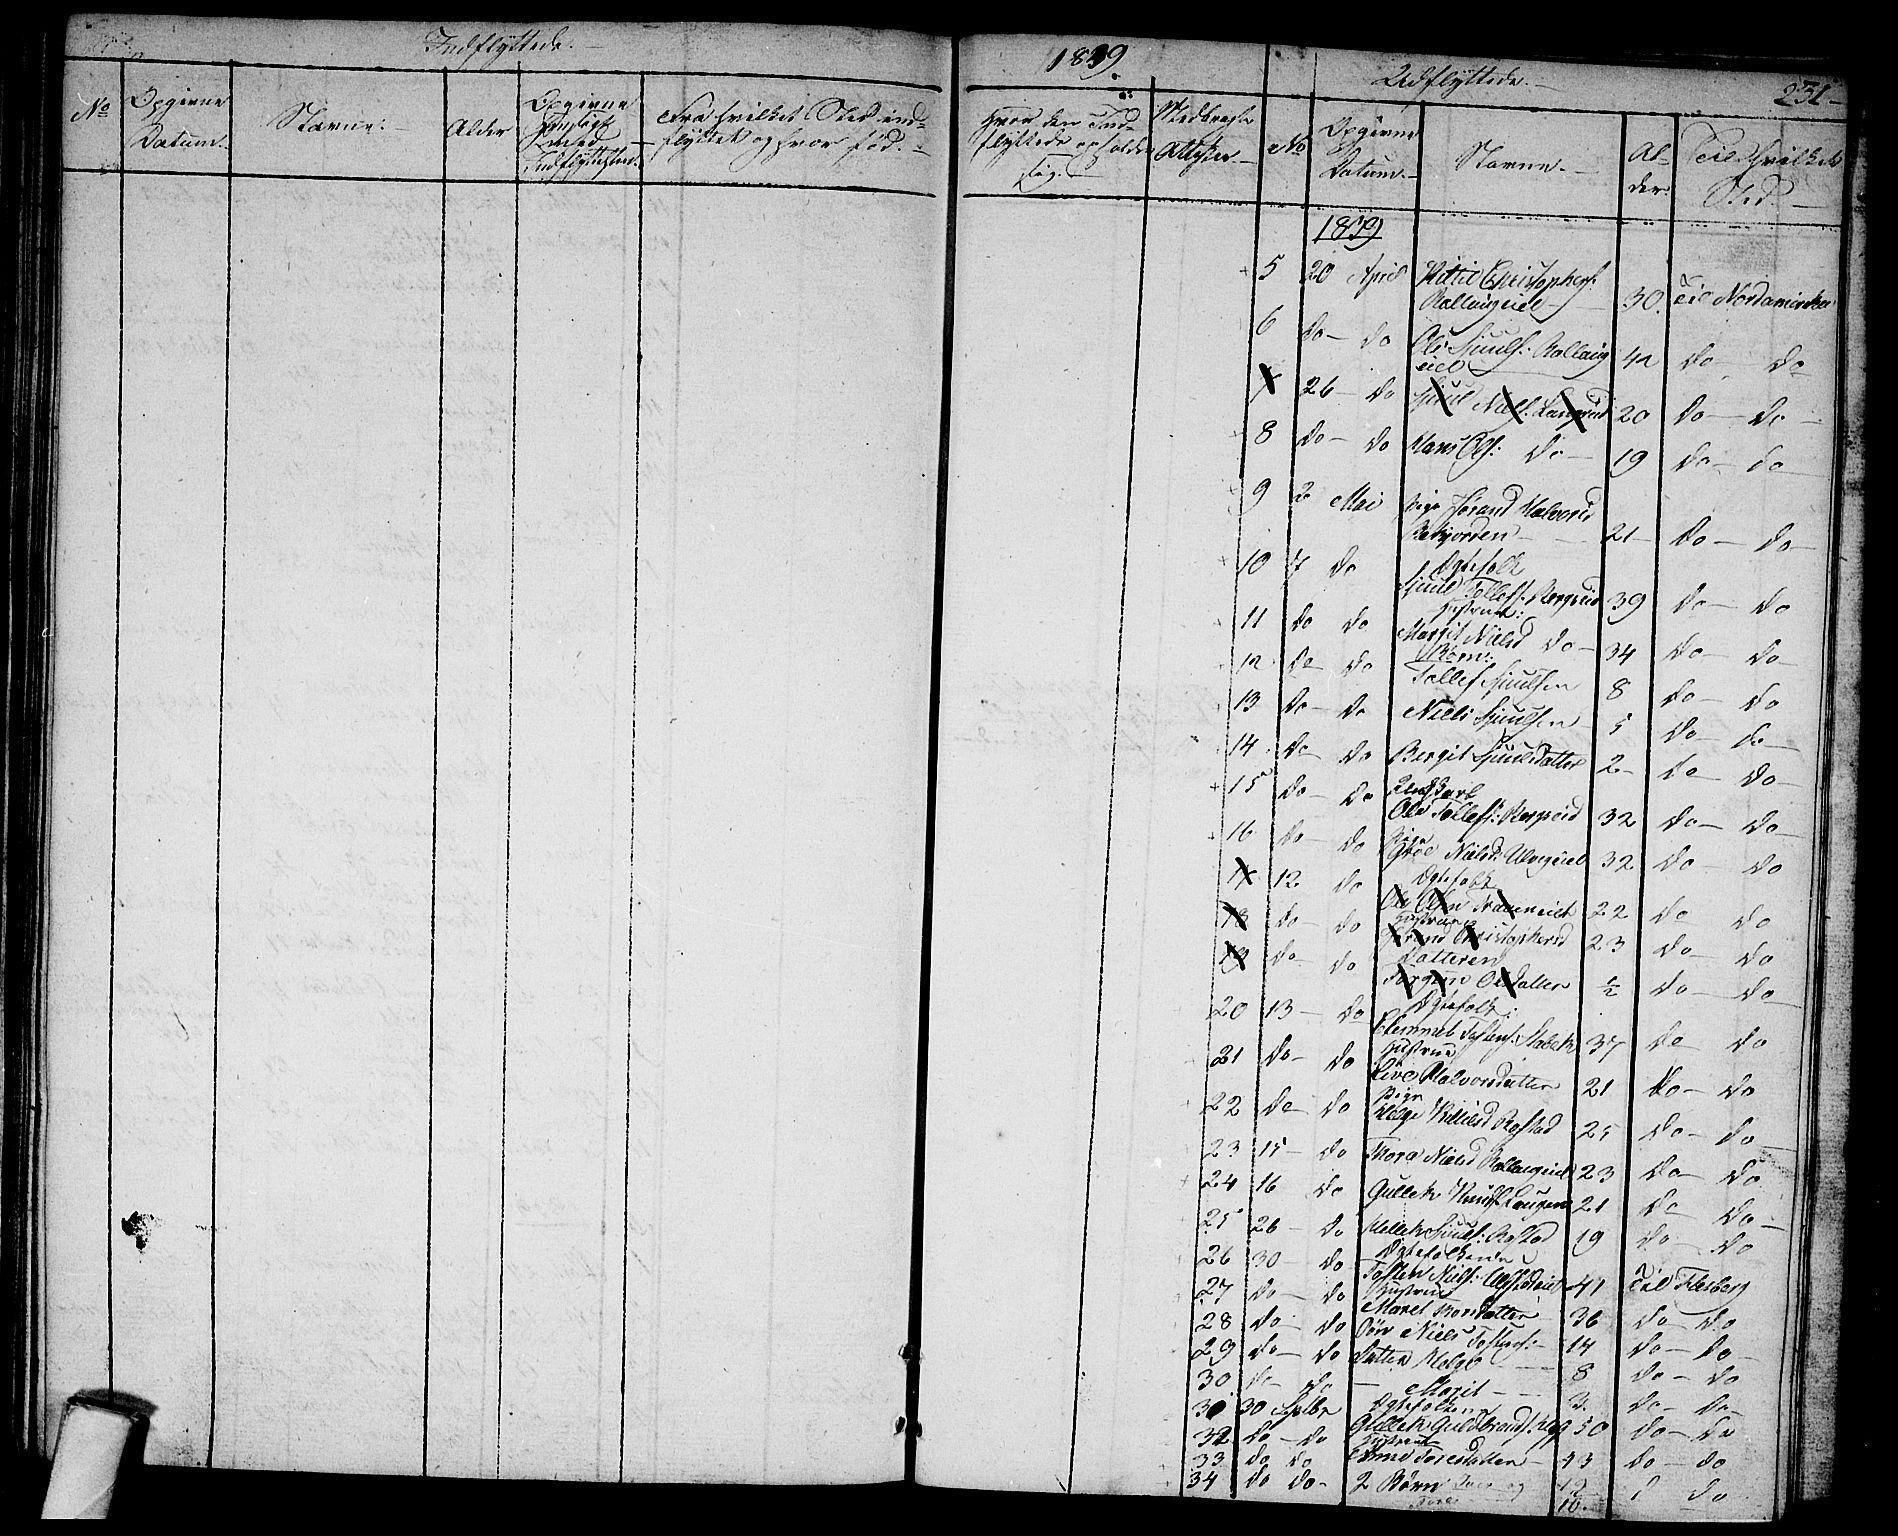 SAKO, Rollag kirkebøker, G/Ga/L0002: Klokkerbok nr. I 2, 1831-1856, s. 231